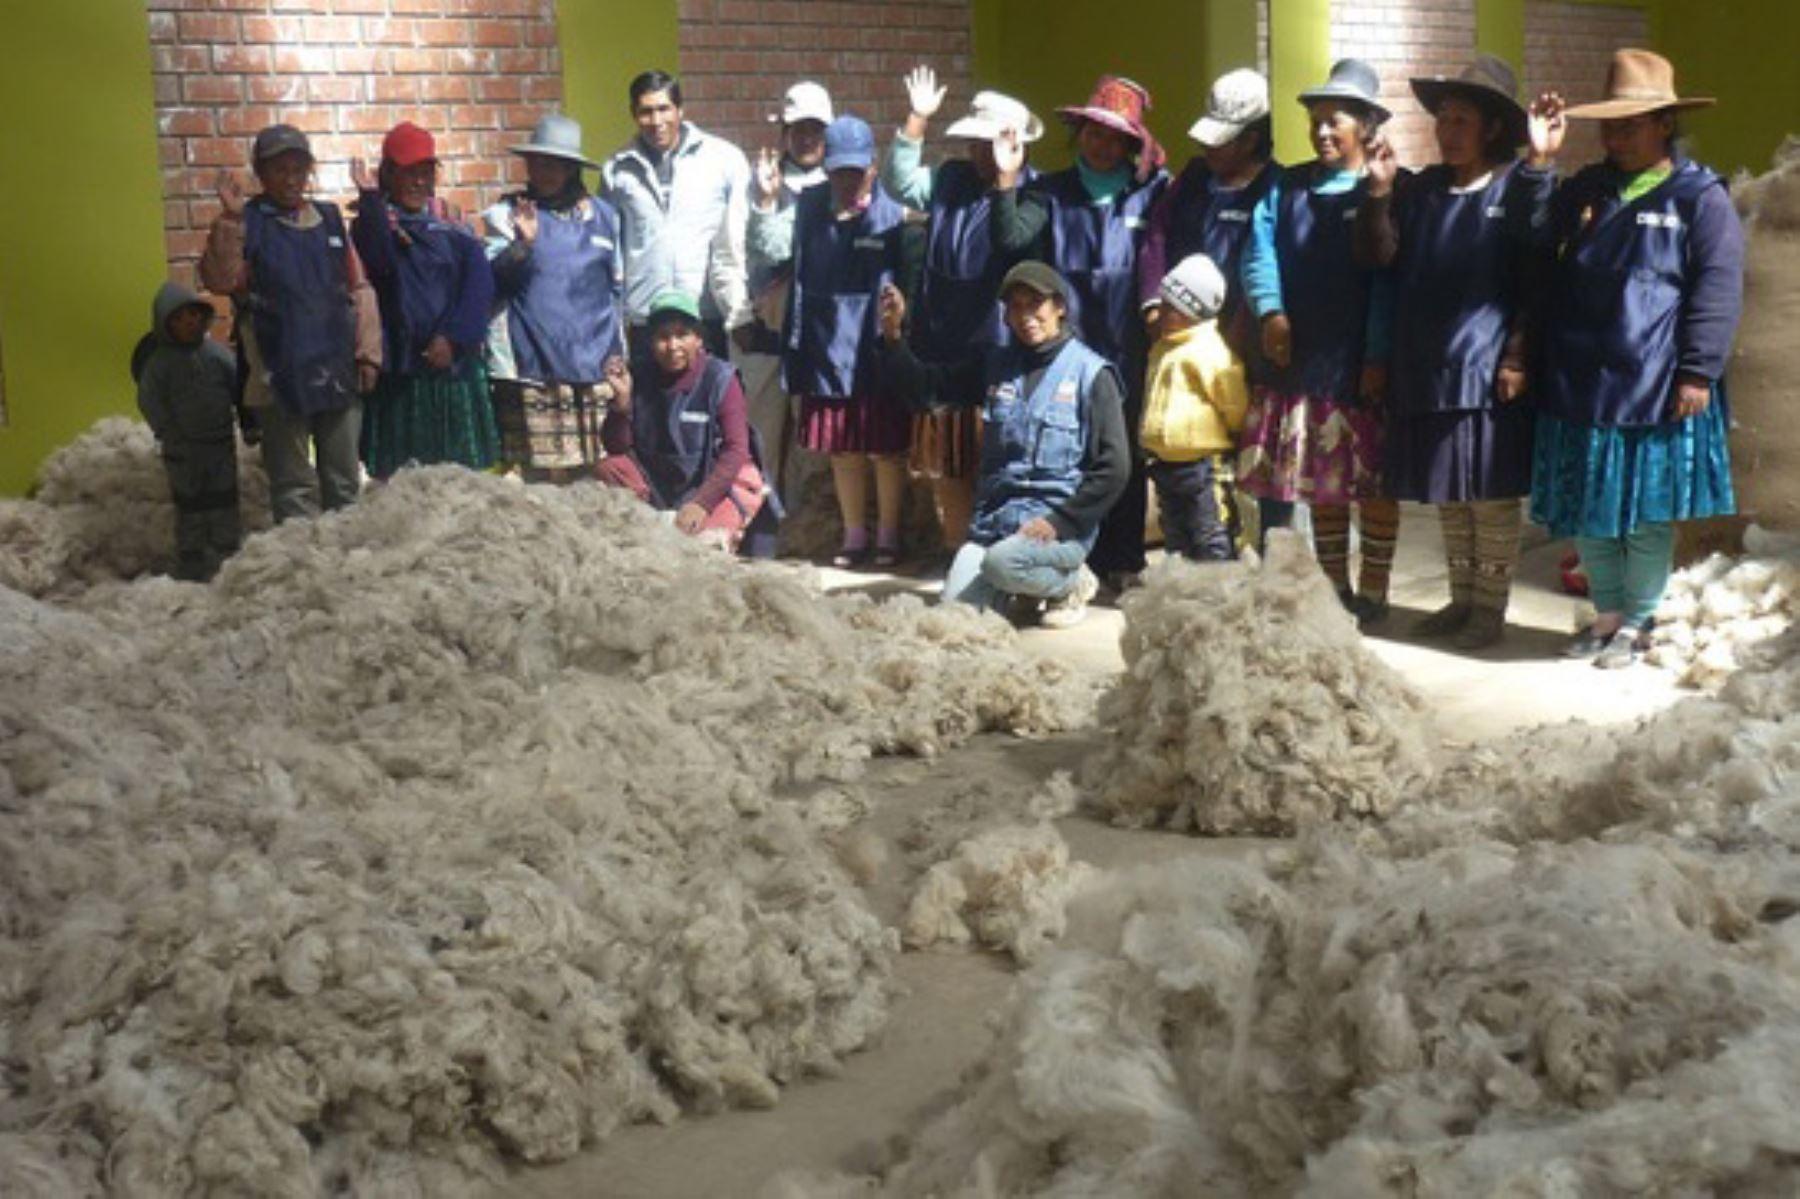 Productores de Arequipa introducen fibra de alpaca con calidad genética en mercados internacionales. Foto: Minagri